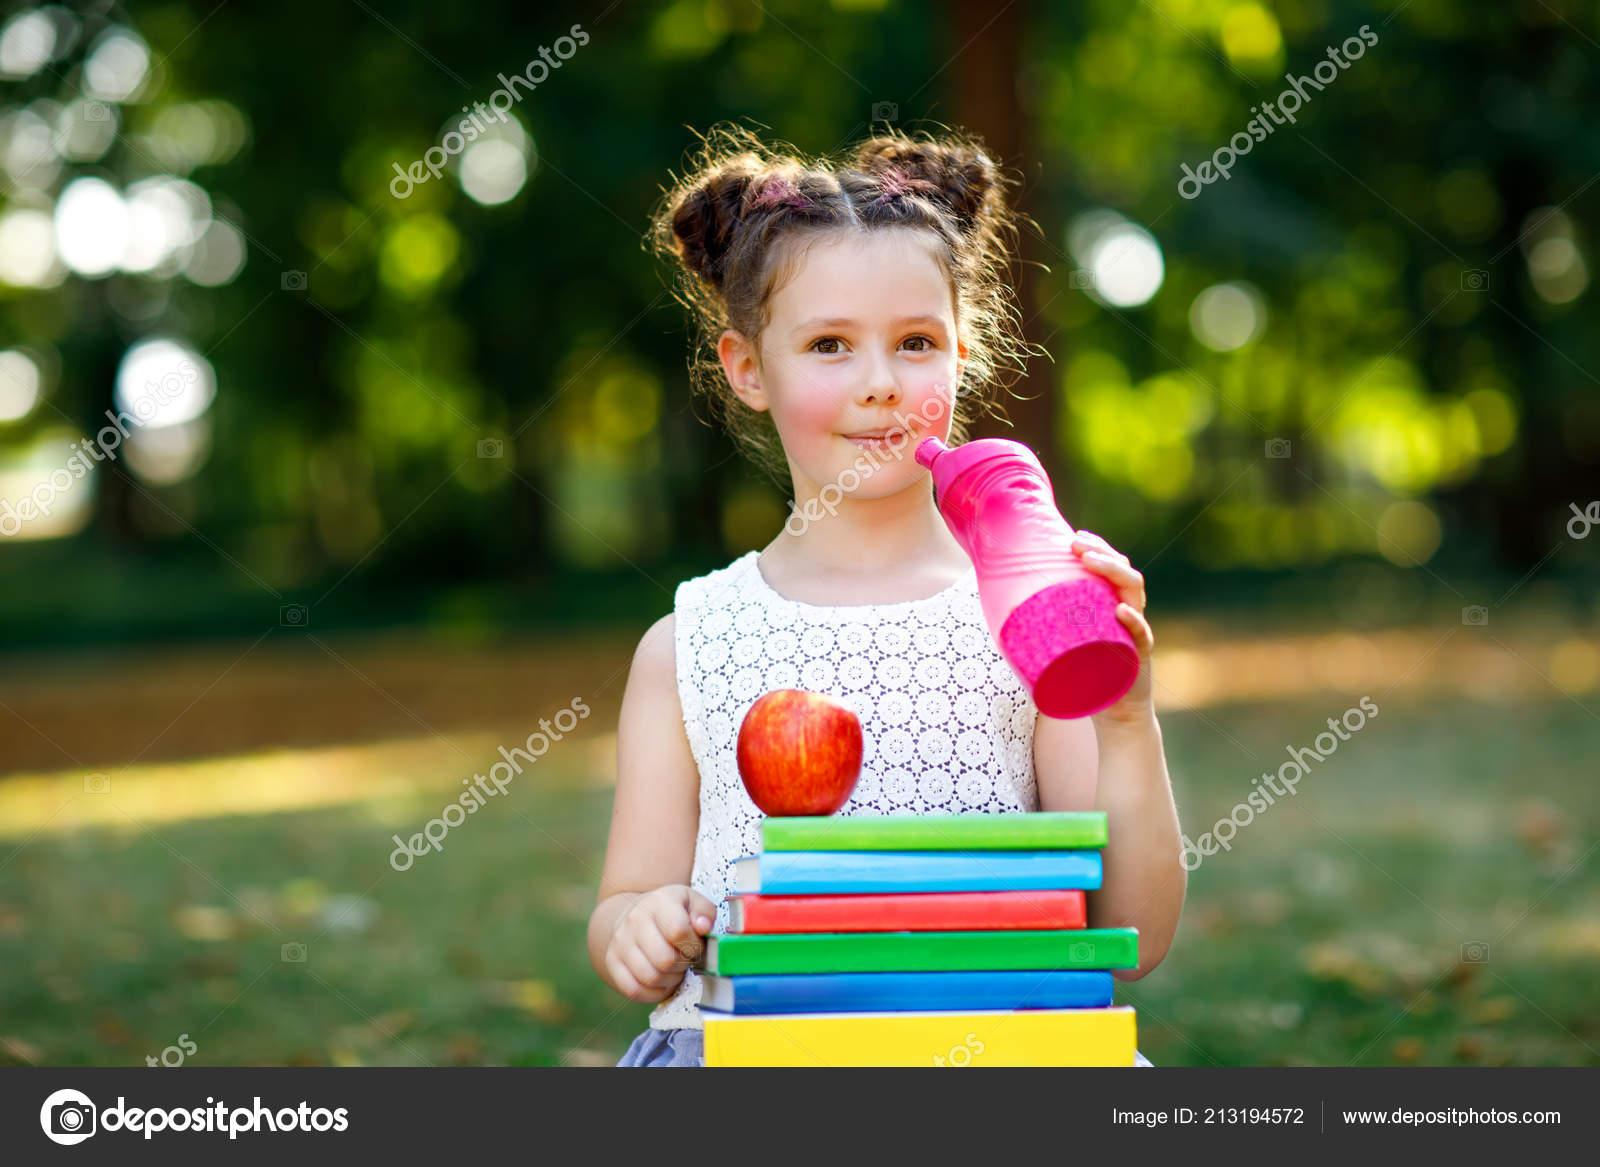 Feliz adorable niño niña leyendo libro y celebración diversos libros  coloridos, manzanas y botellas de agua en el primer día a la escuela o  guardería.